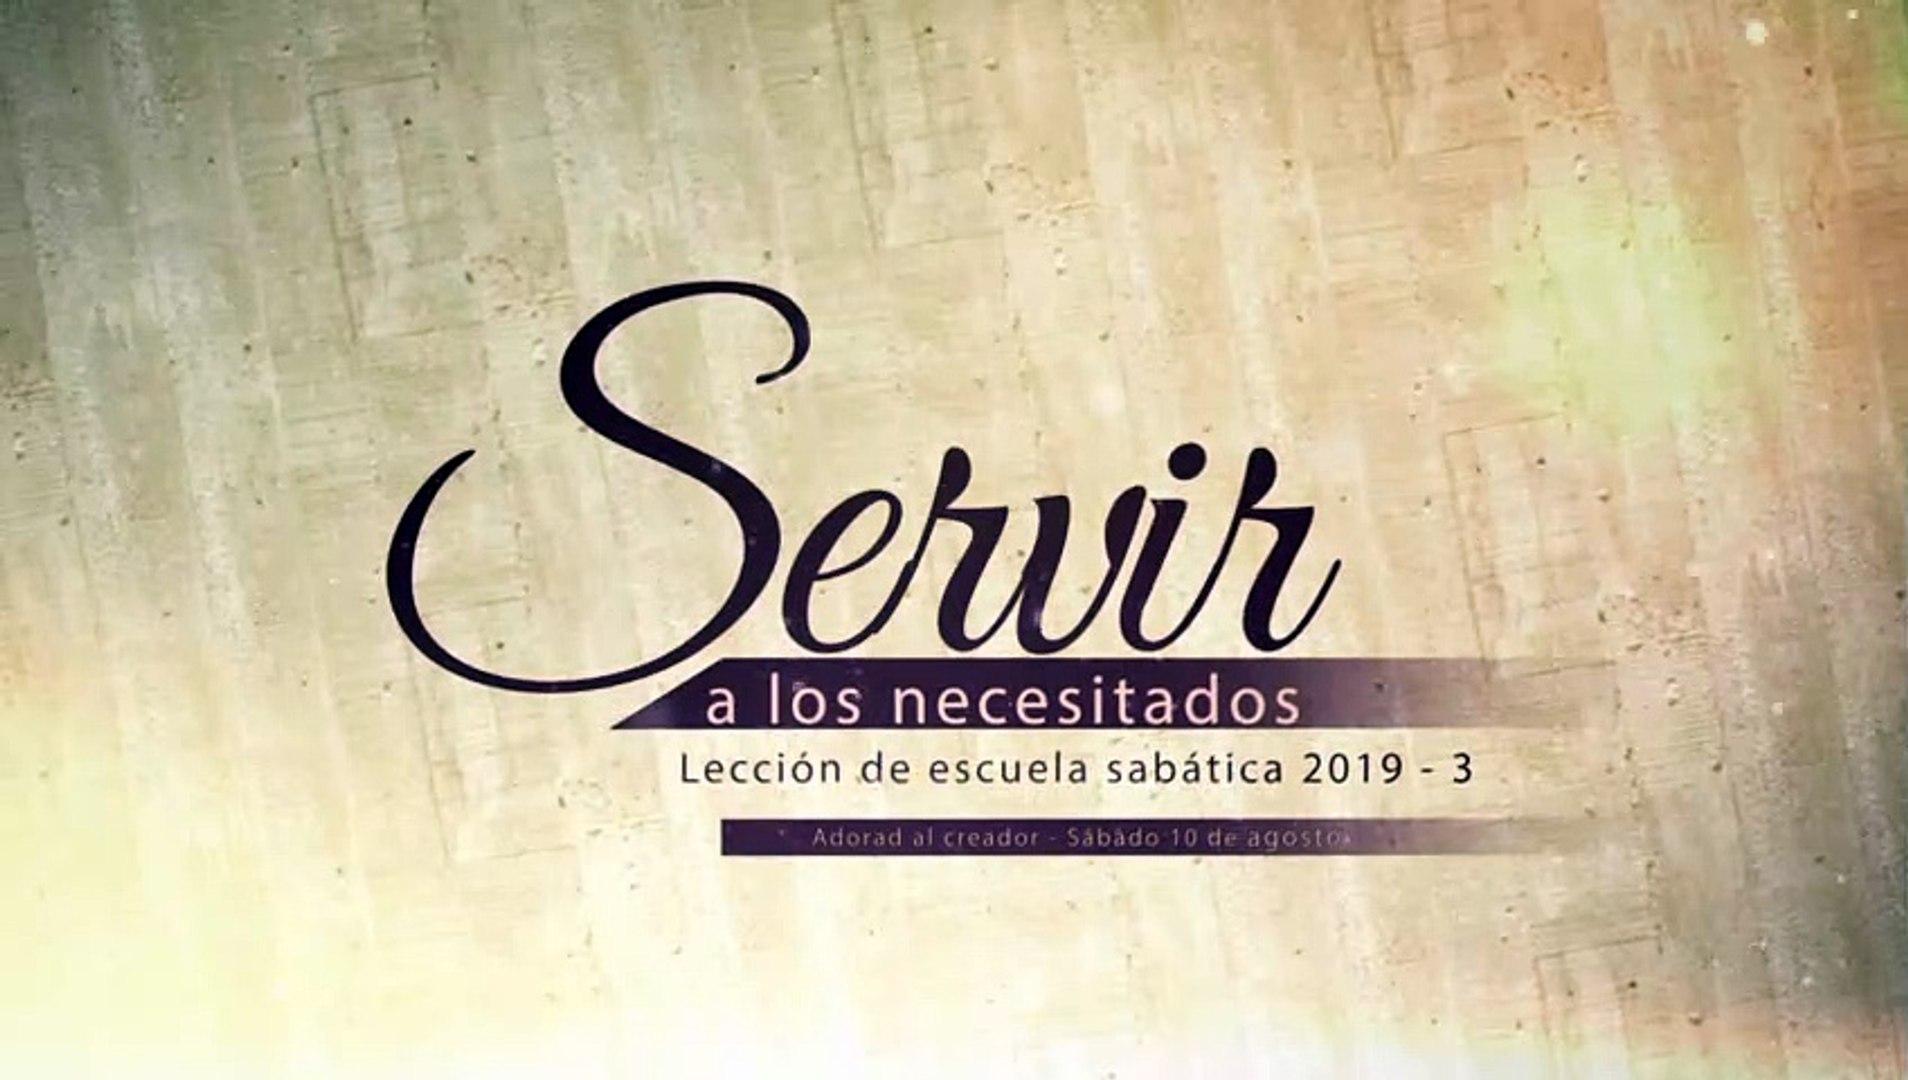 Lección 7: Sábado: Jesús y los necesitados - Servir a los necesitados